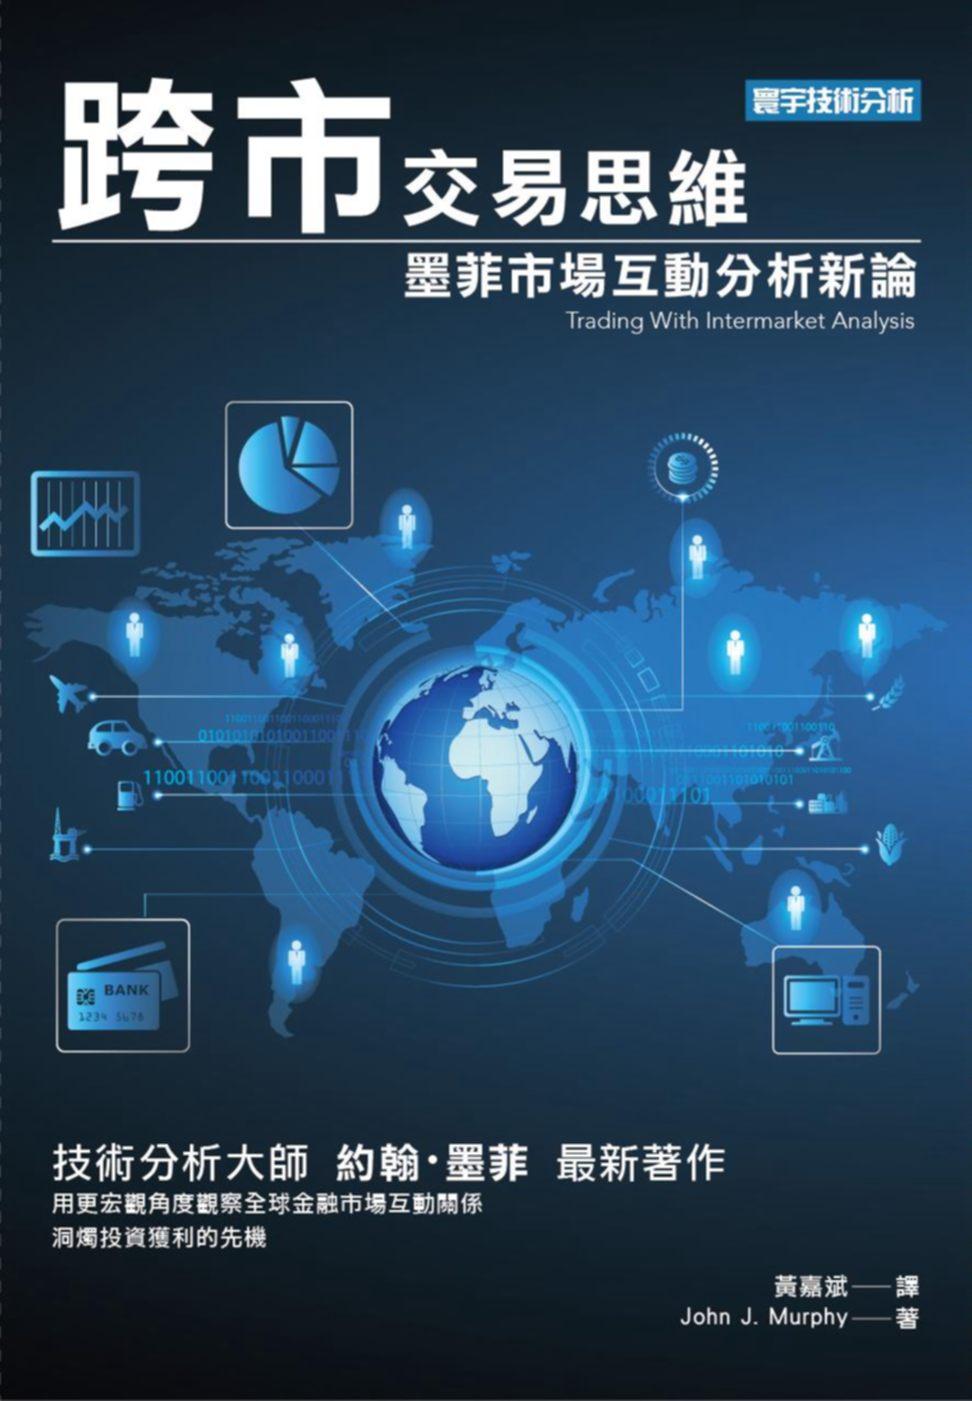 跨市交易思維:墨菲市場互動分析新論